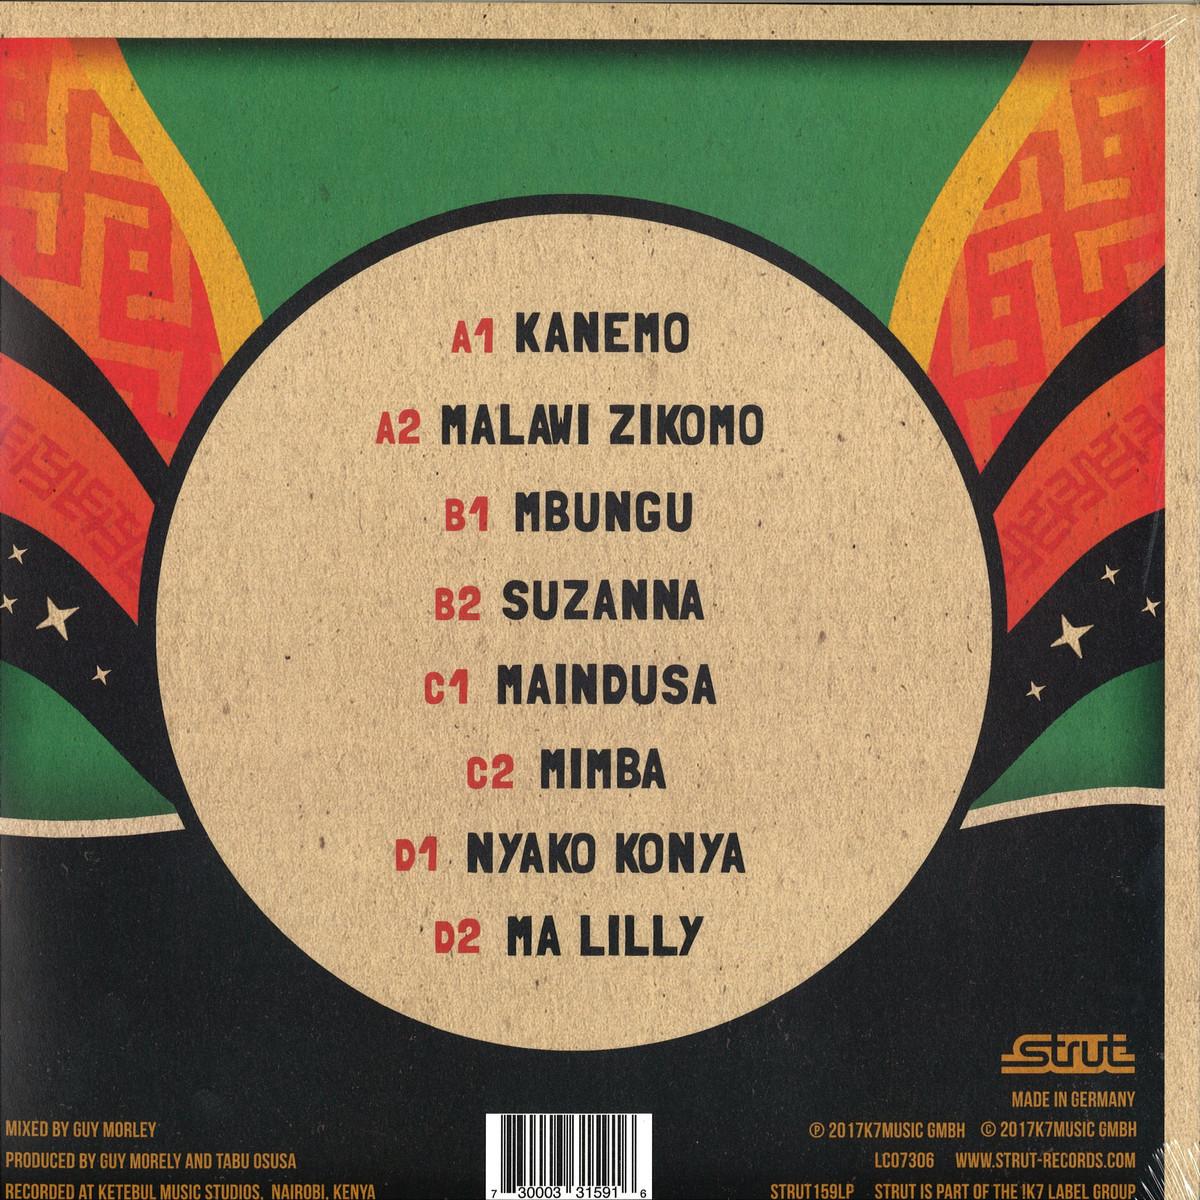 deejay de - Strut Records